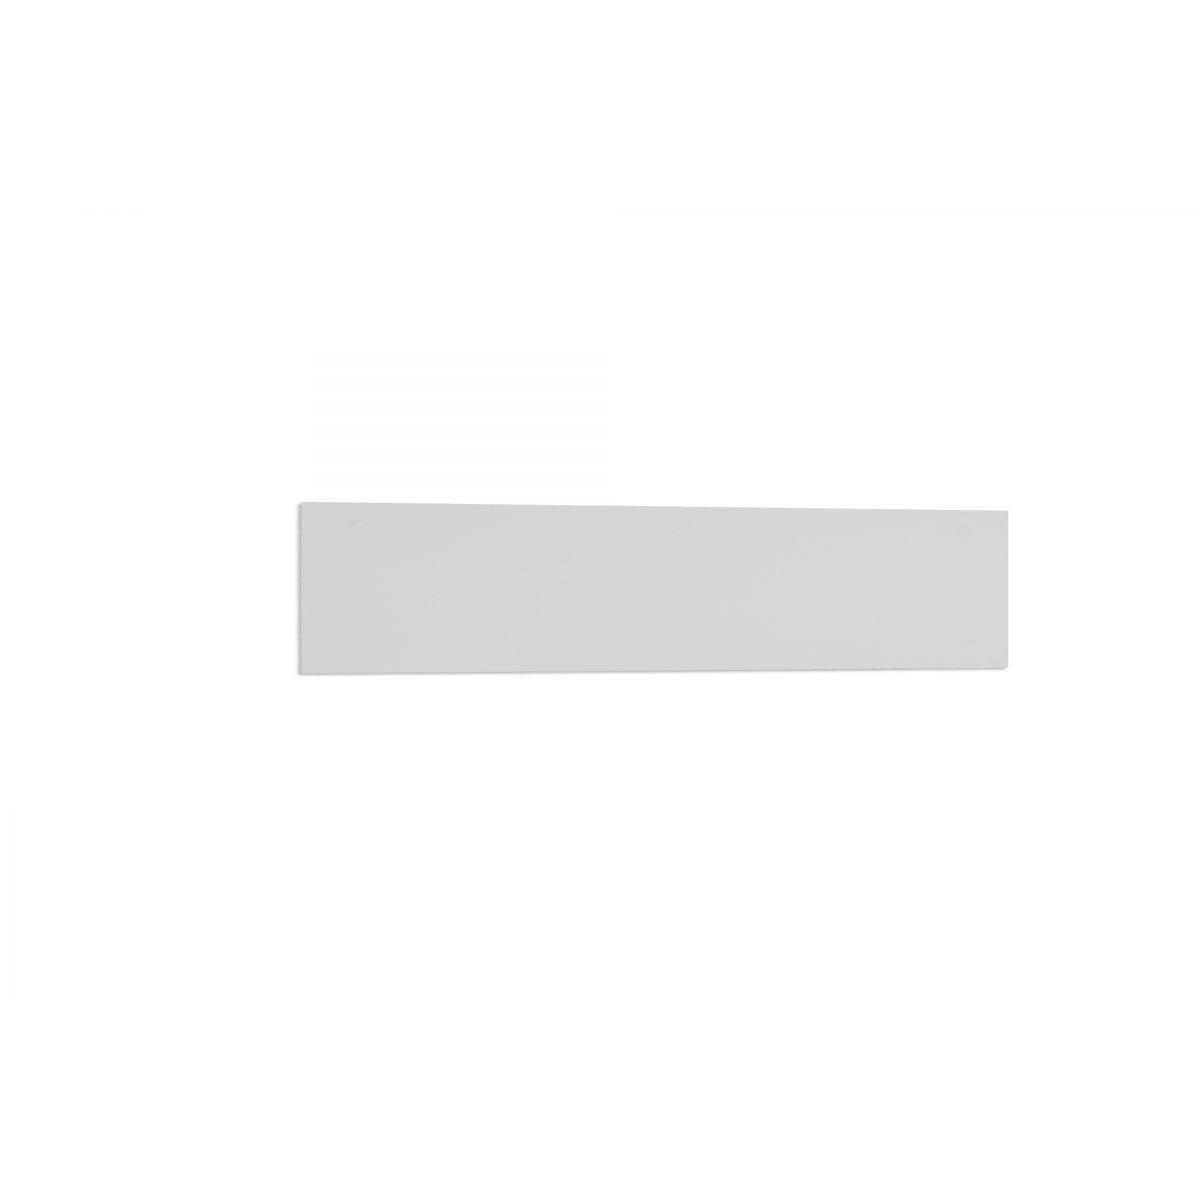 Modulado Supreme Painel 1.66 Branco Madeirado - Robel Móveis